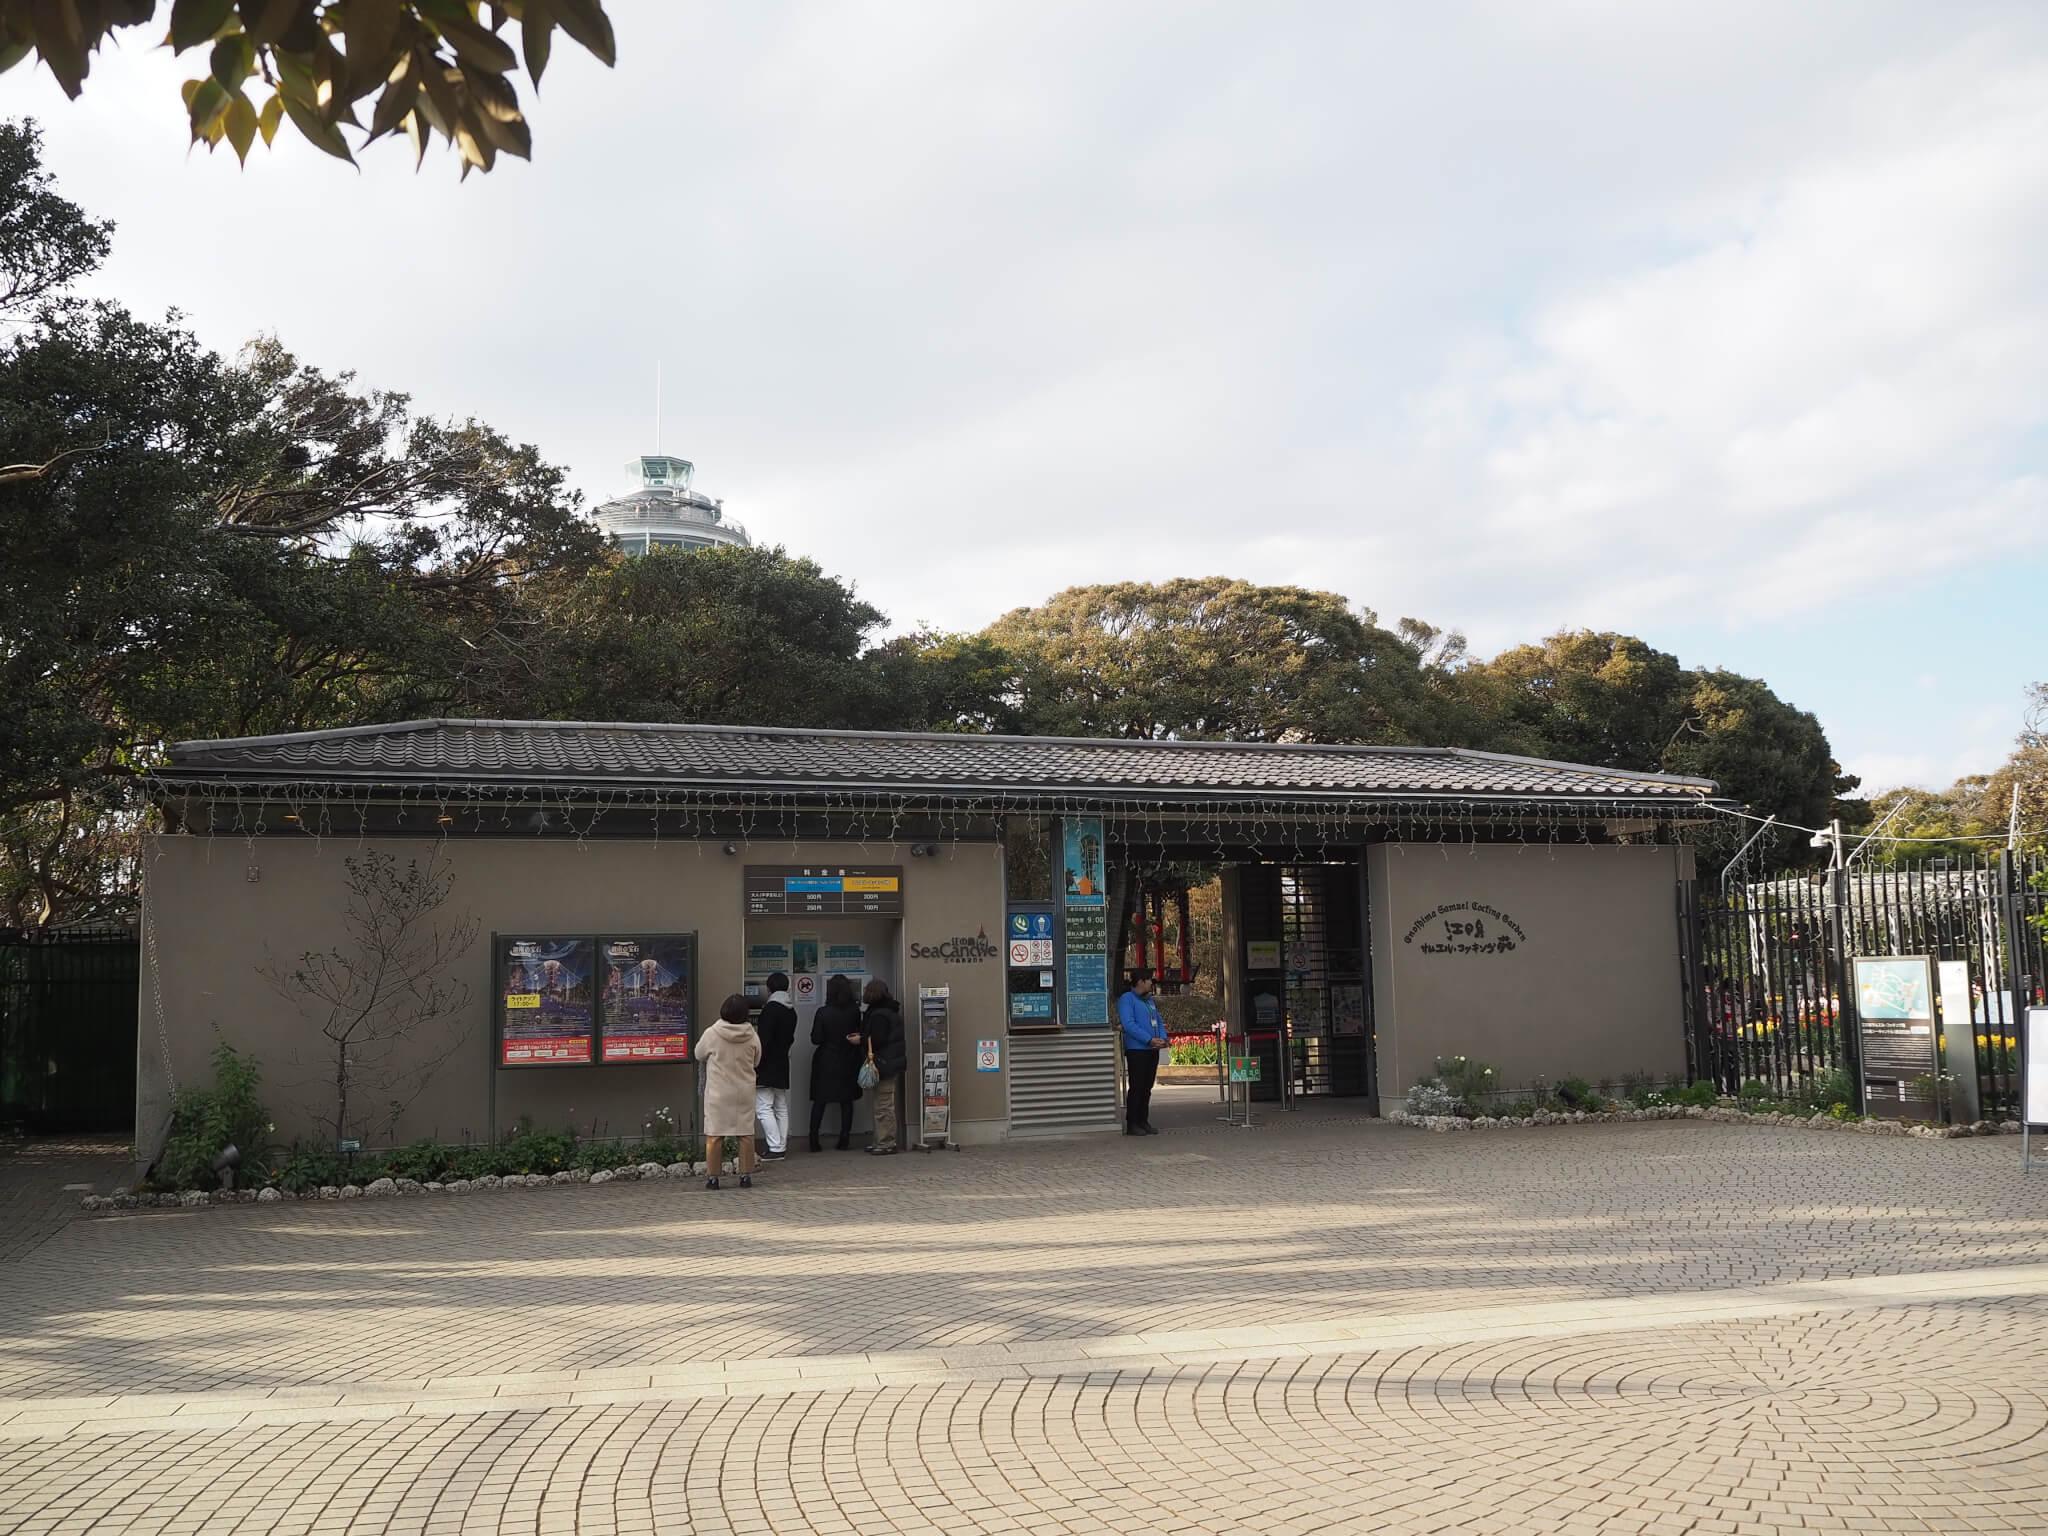 江ノ島 サムエル・コッキング苑